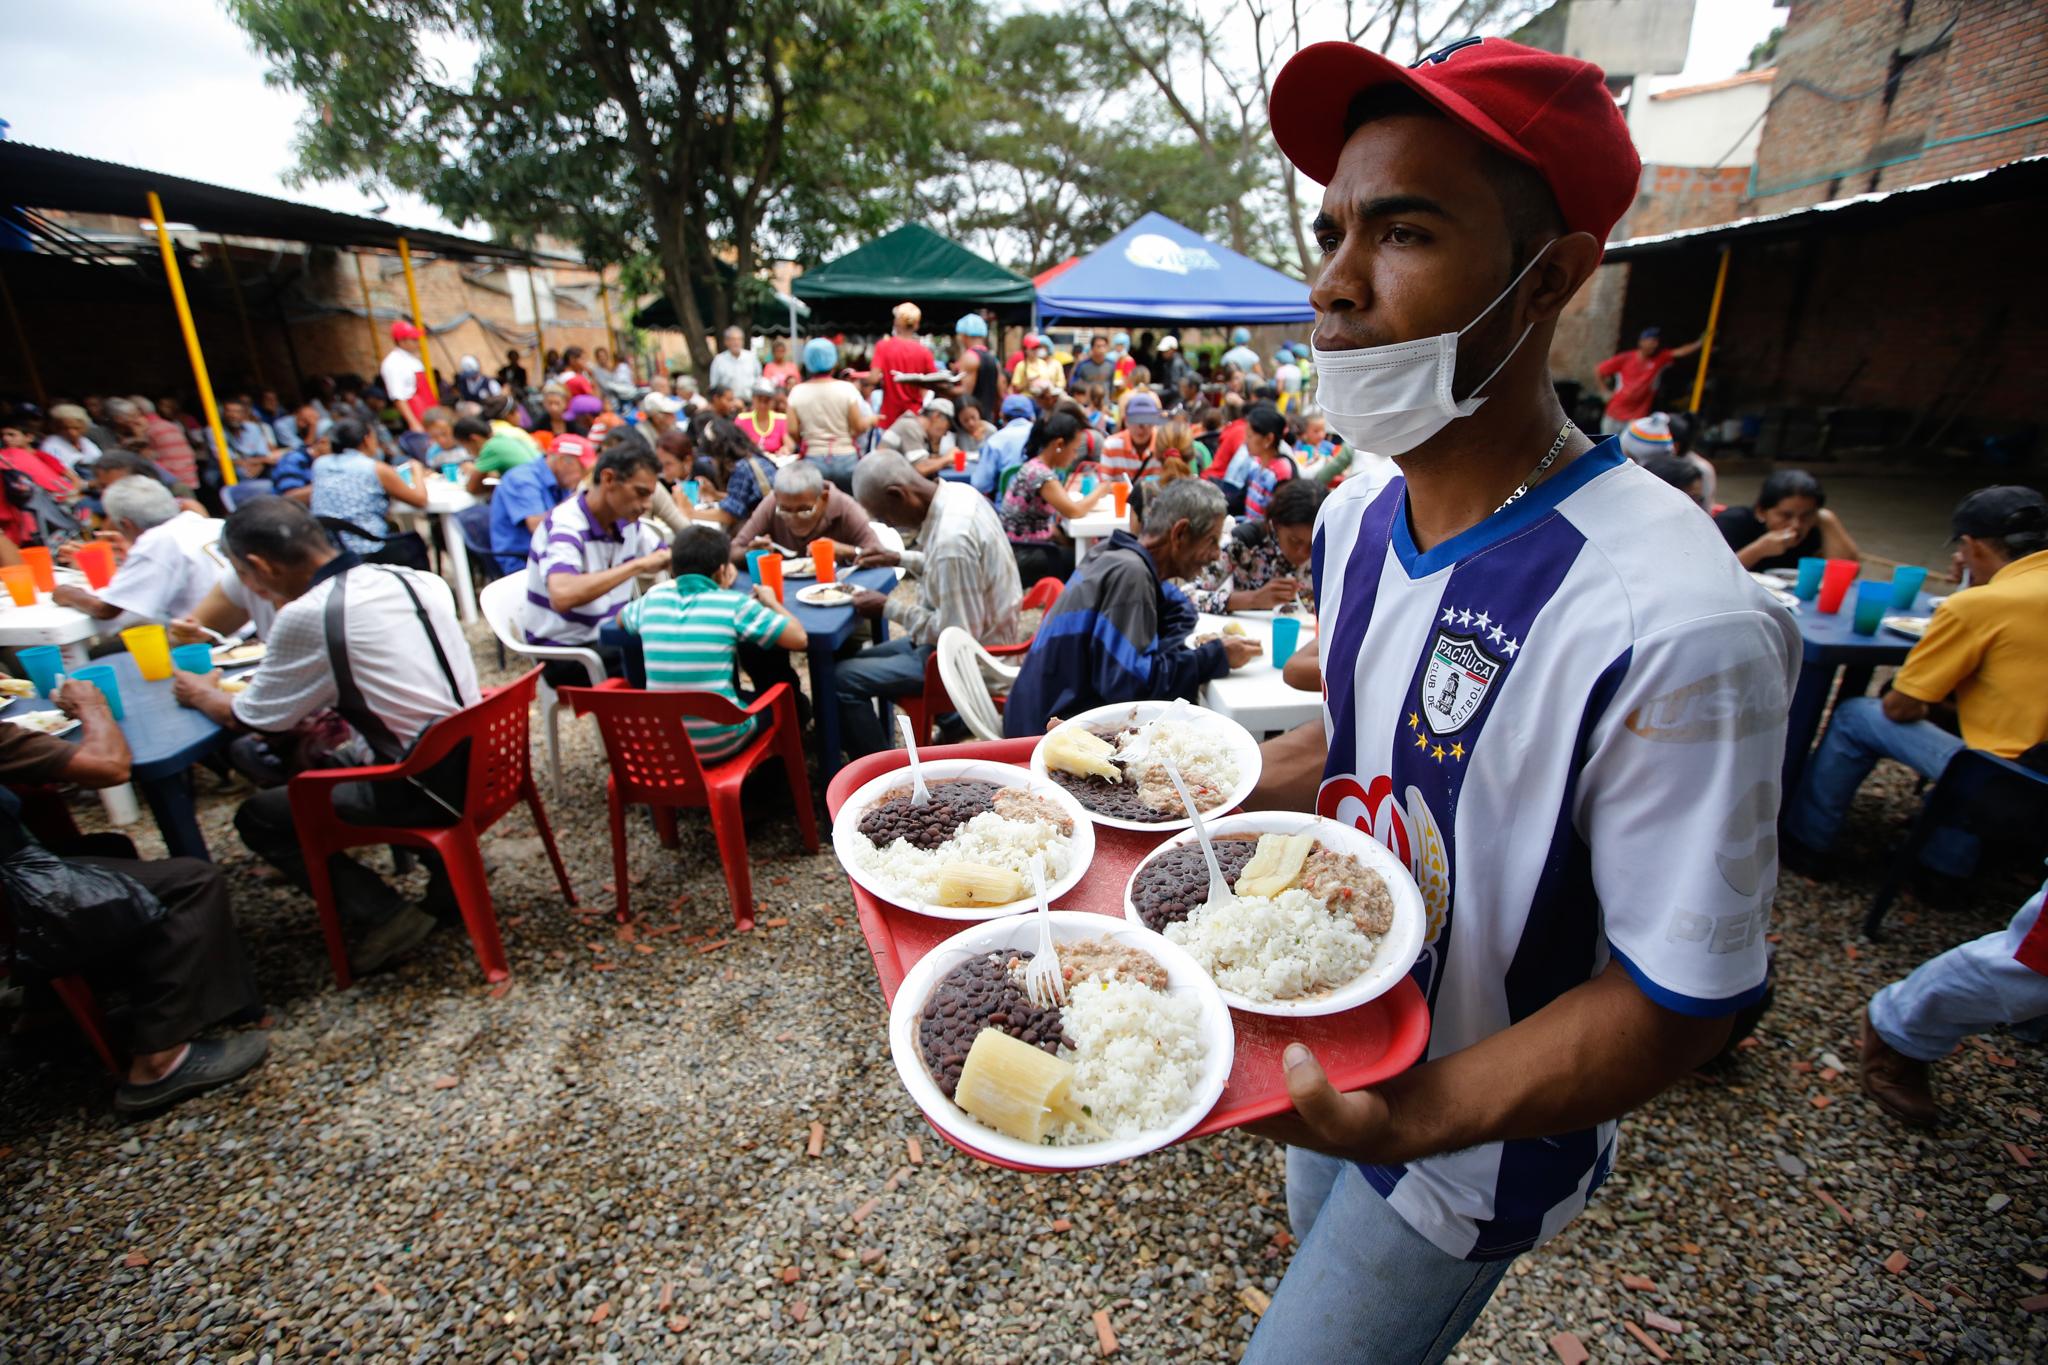 Un homme portant un plateau avec quatre assiettes ; autour de lui, un grand nombre de gens en train de manger à des tables en plein air (© Fernando Vergara/AP Images)